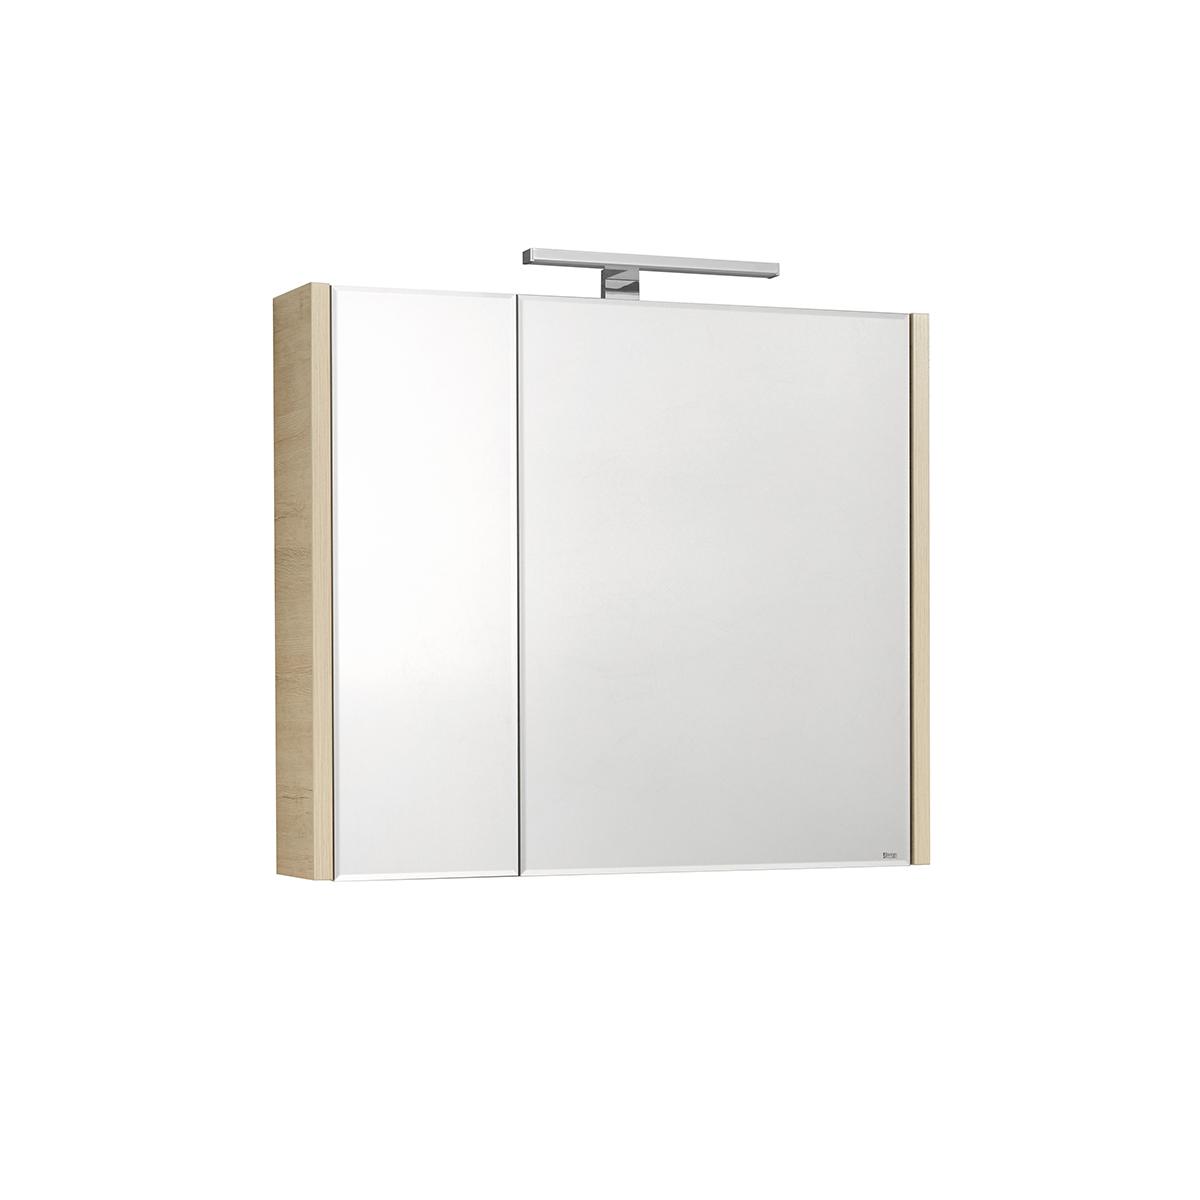 Фото - Зеркальный шкаф Roca Etna 80 см дуб верона 857304445 шкаф пенал roca etna 45 857303806 подвесной белый глянцевый